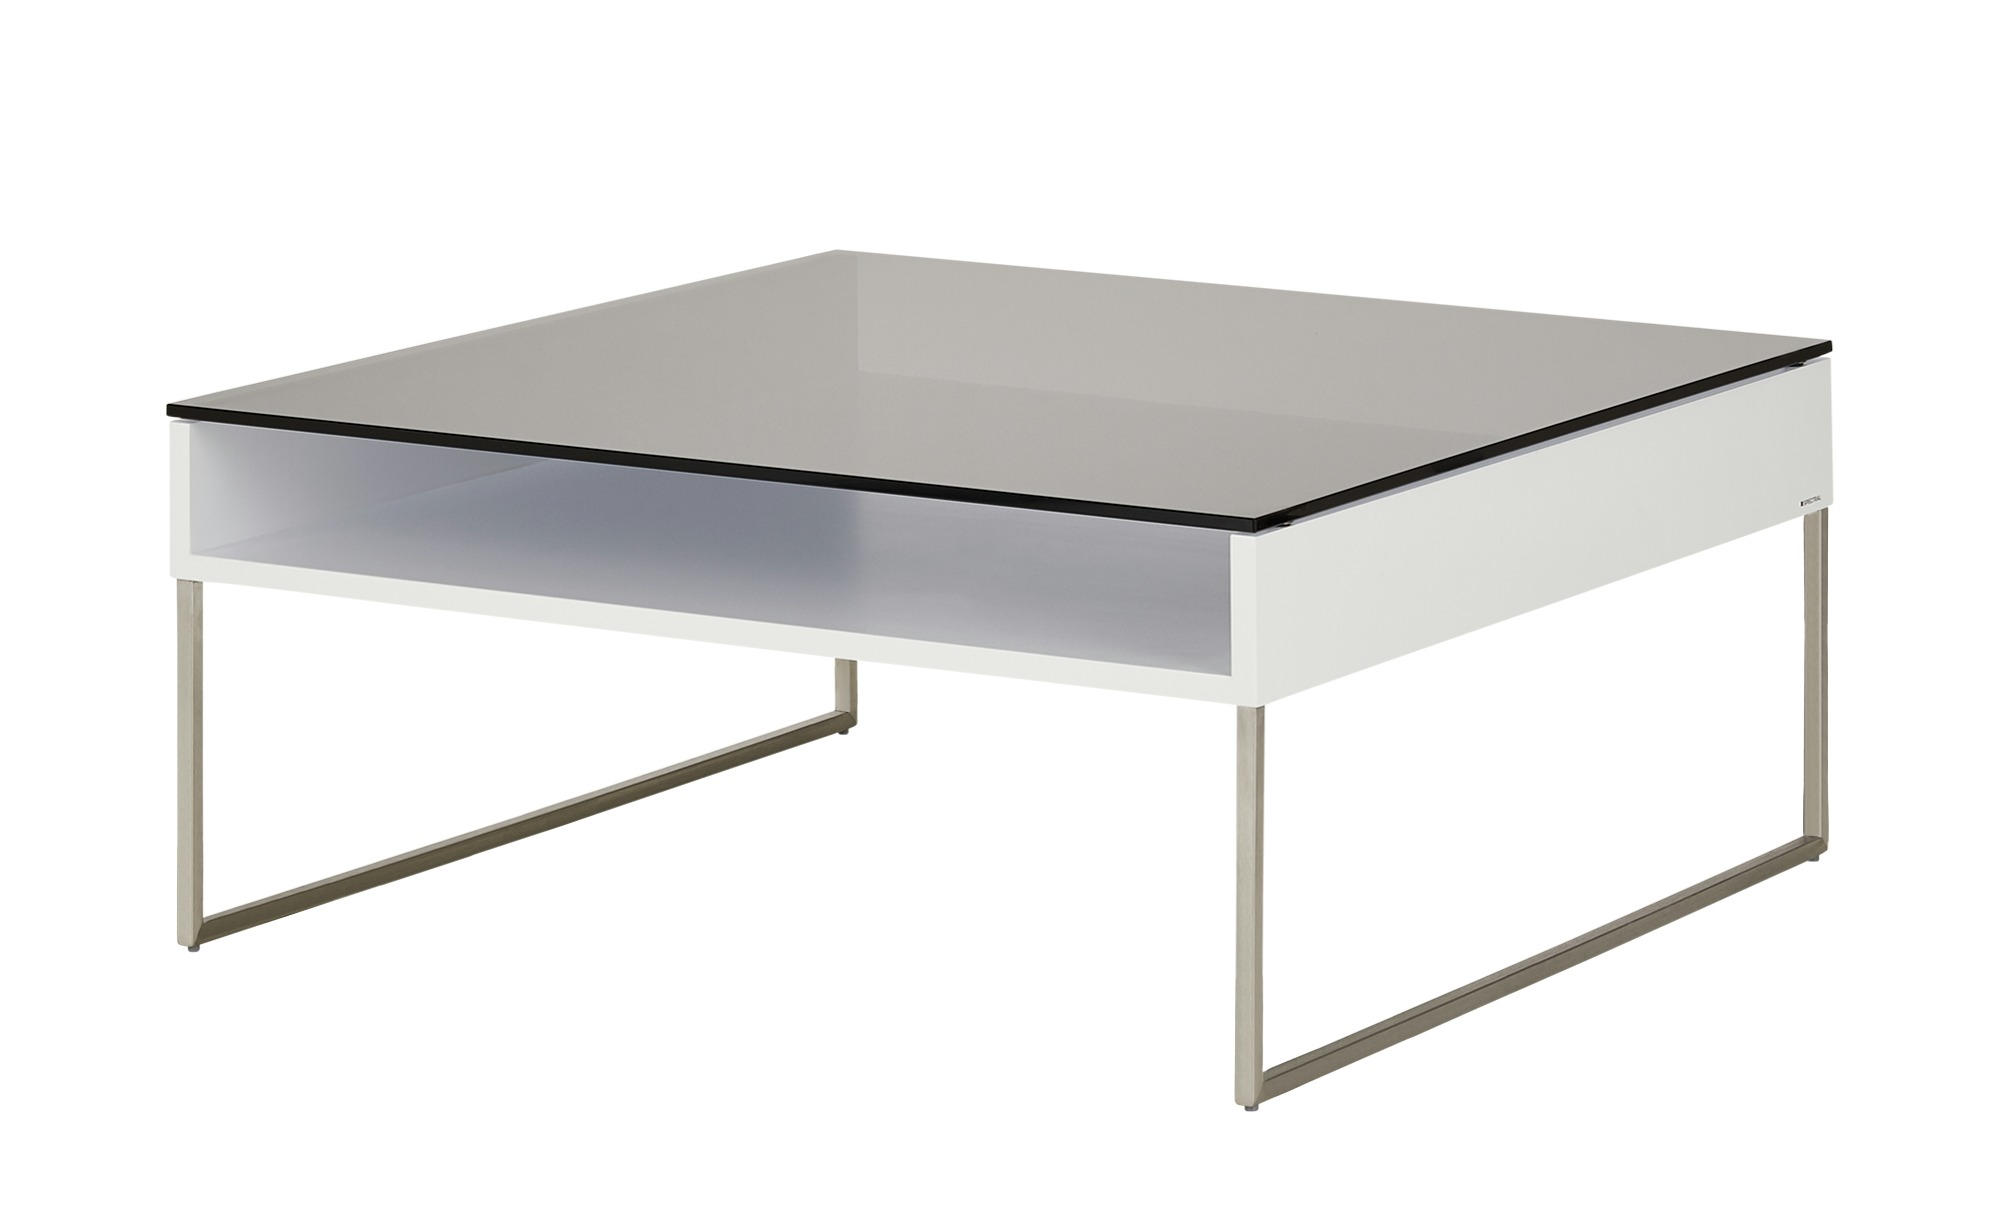 SPECTRAL Couchtisch  Tables ¦ weiß ¦ Maße (cm): B: 90 H: 40 T: 90 Tische > Couchtische > Couchtische rechteckig - Höffner